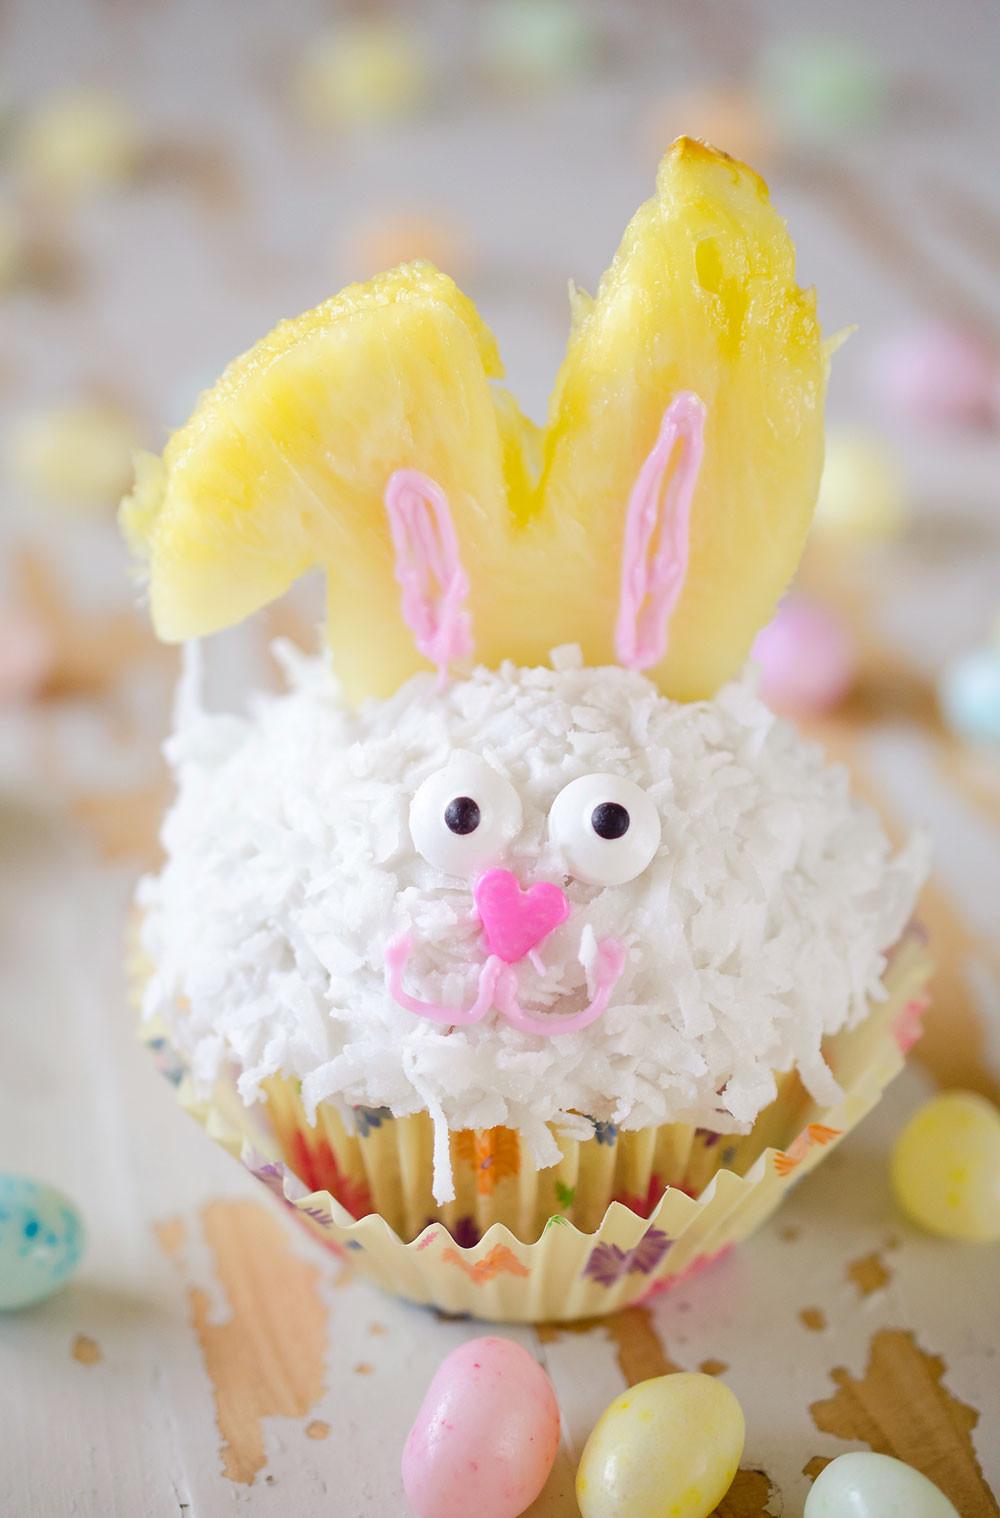 Light Easter Desserts  20 Lightened Up Easter Desserts Healthy Spring Sweets